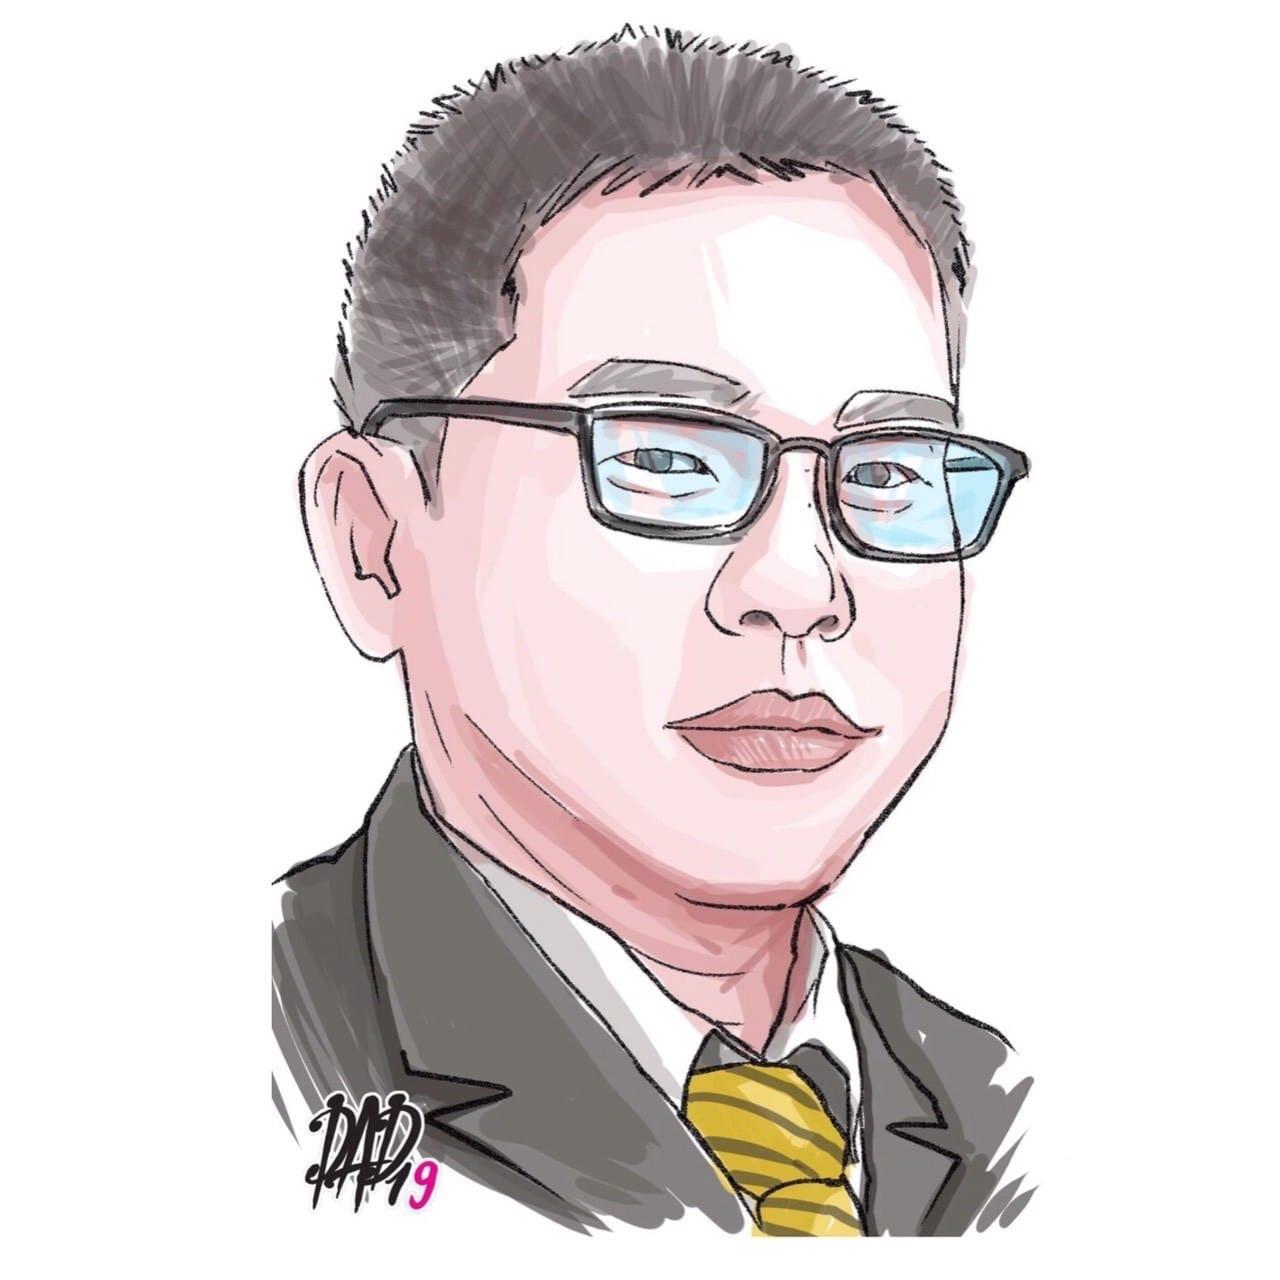 Chuyên gia Phan Dũng Khánh: Đừng coi chứng khoán là trò đỏ - đen 9